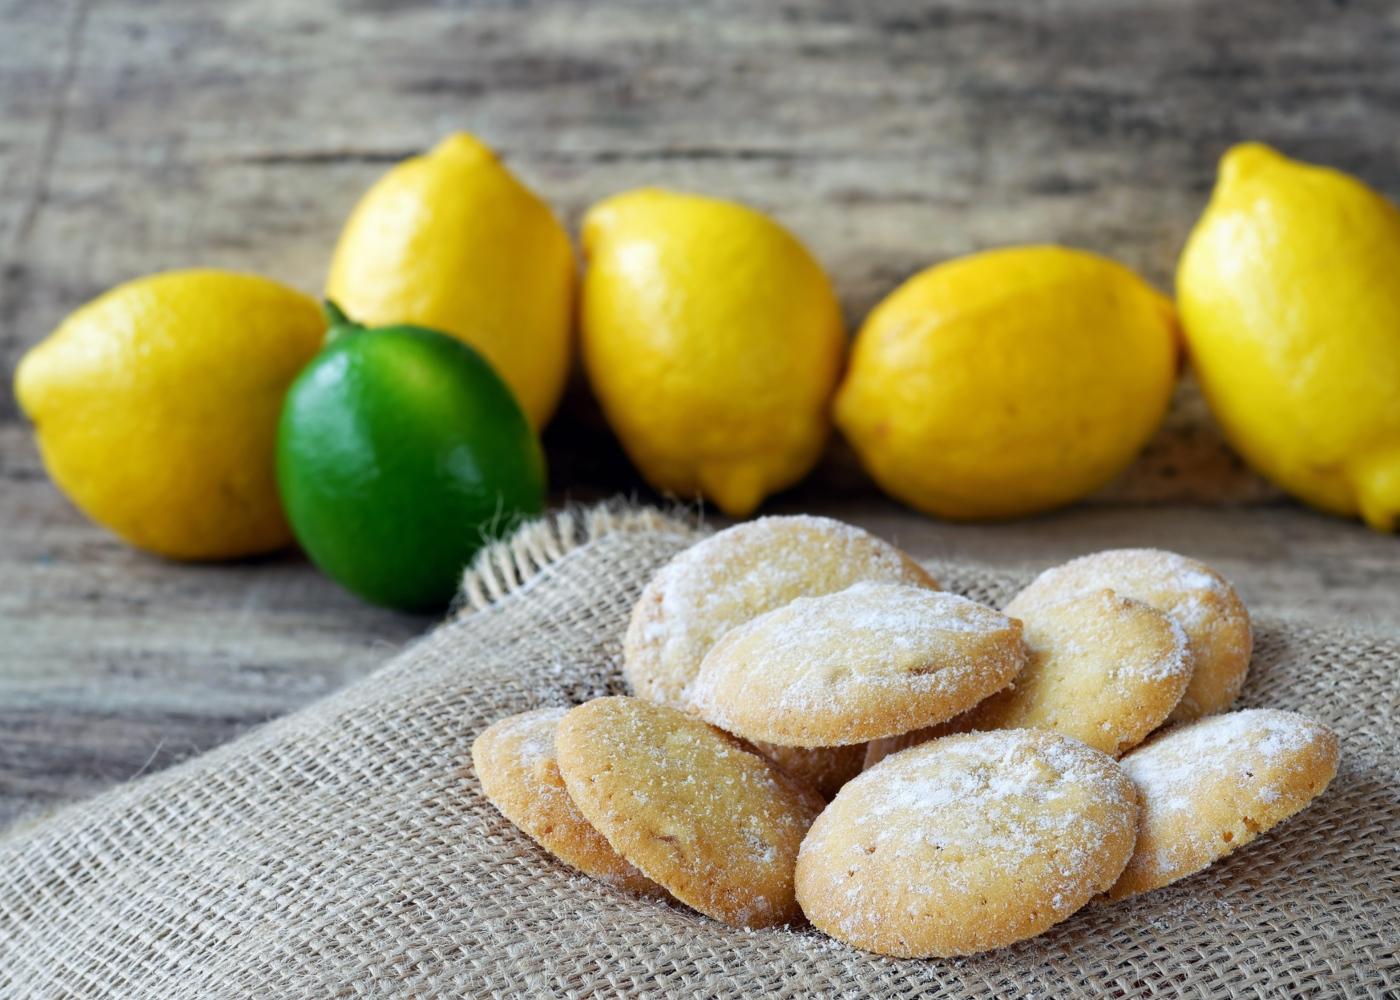 Biscoitos de manteiga e limão